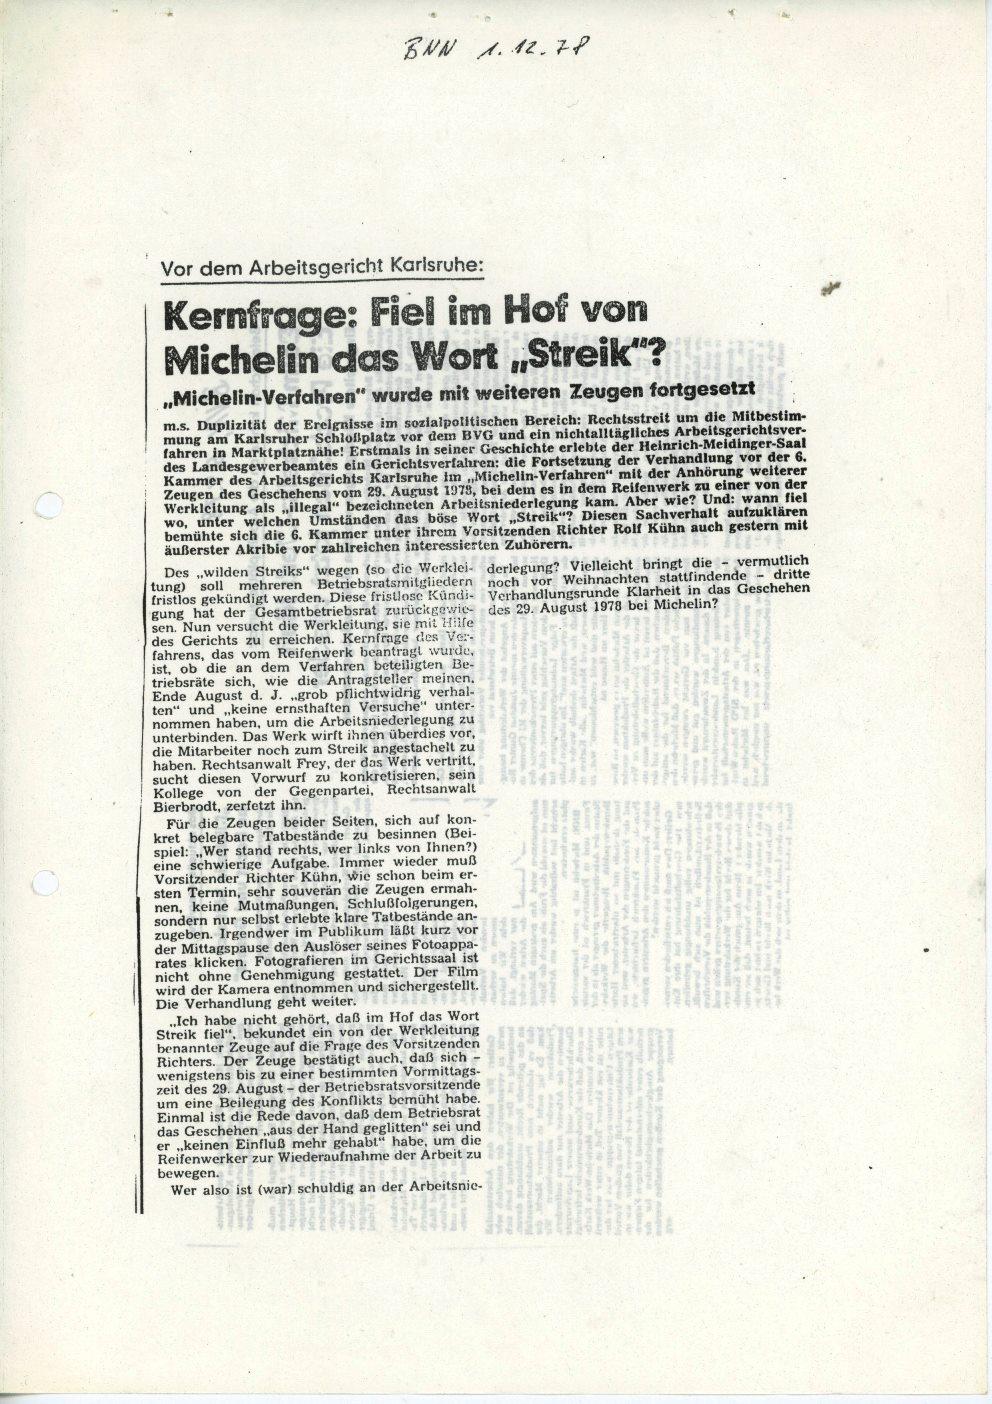 Karlsruhe_Michelin_IGCPK_Doku_zum_Arbeitskonflikt_1978_47